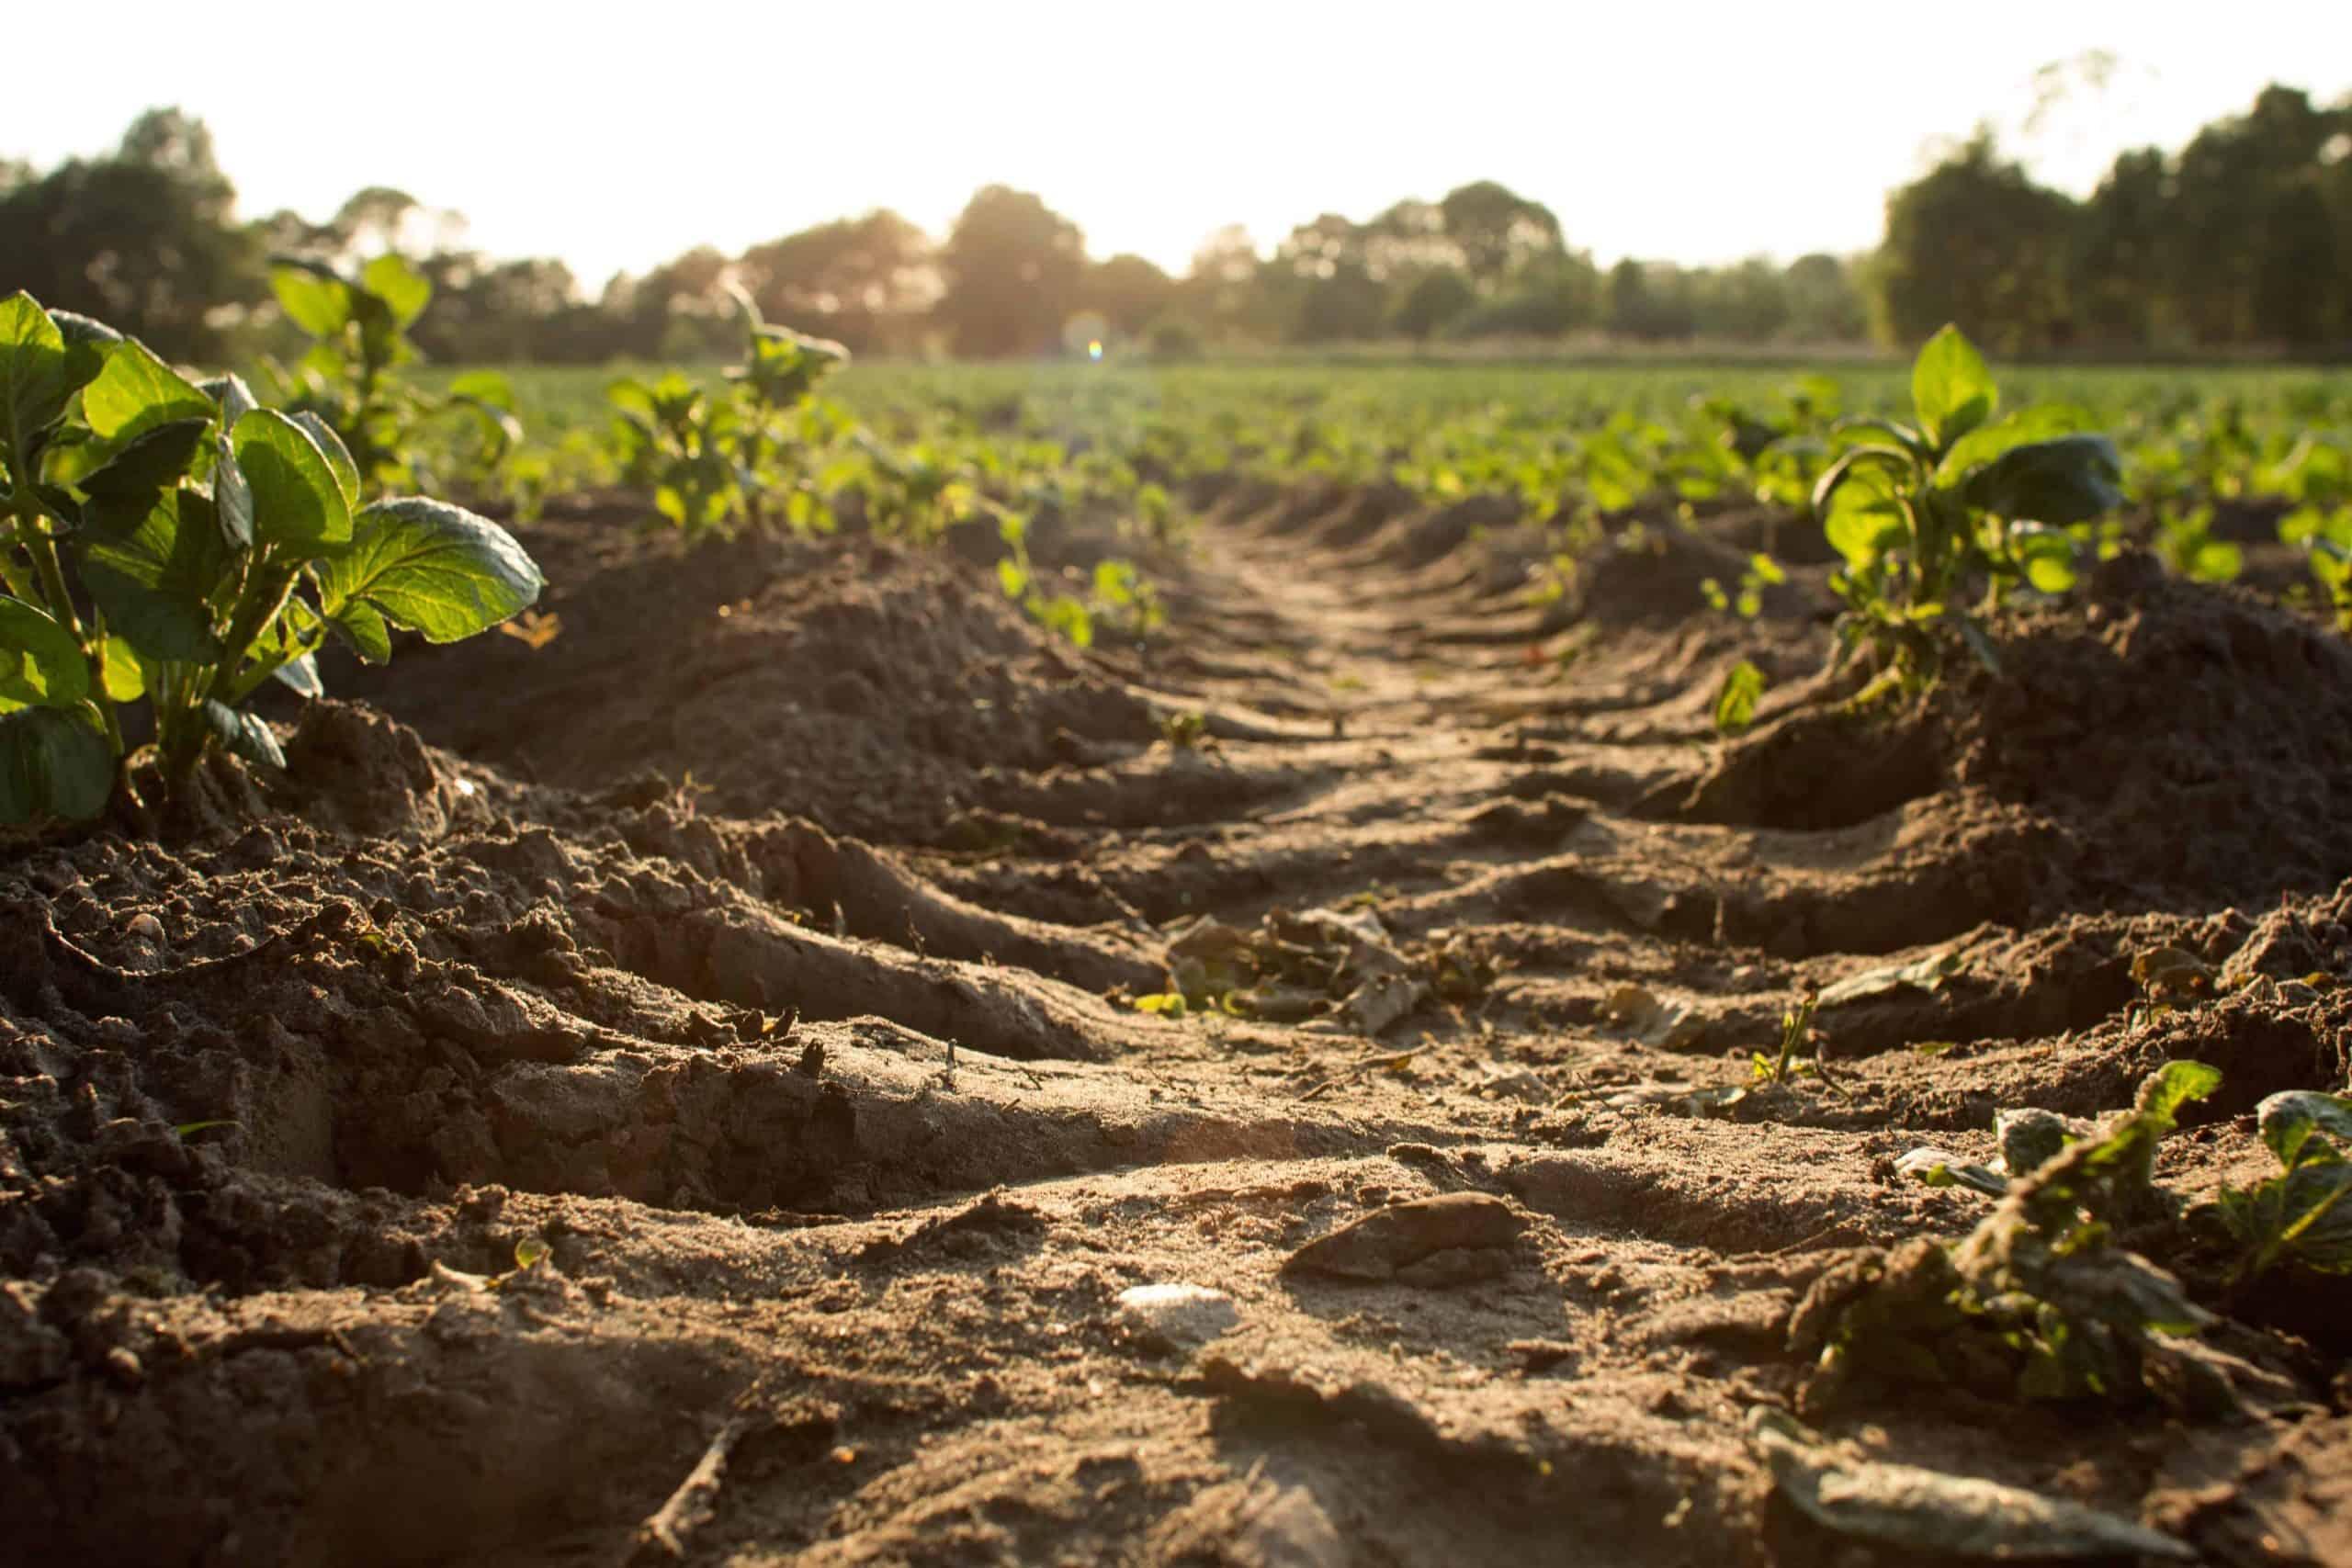 Tilled soil in a field of crops